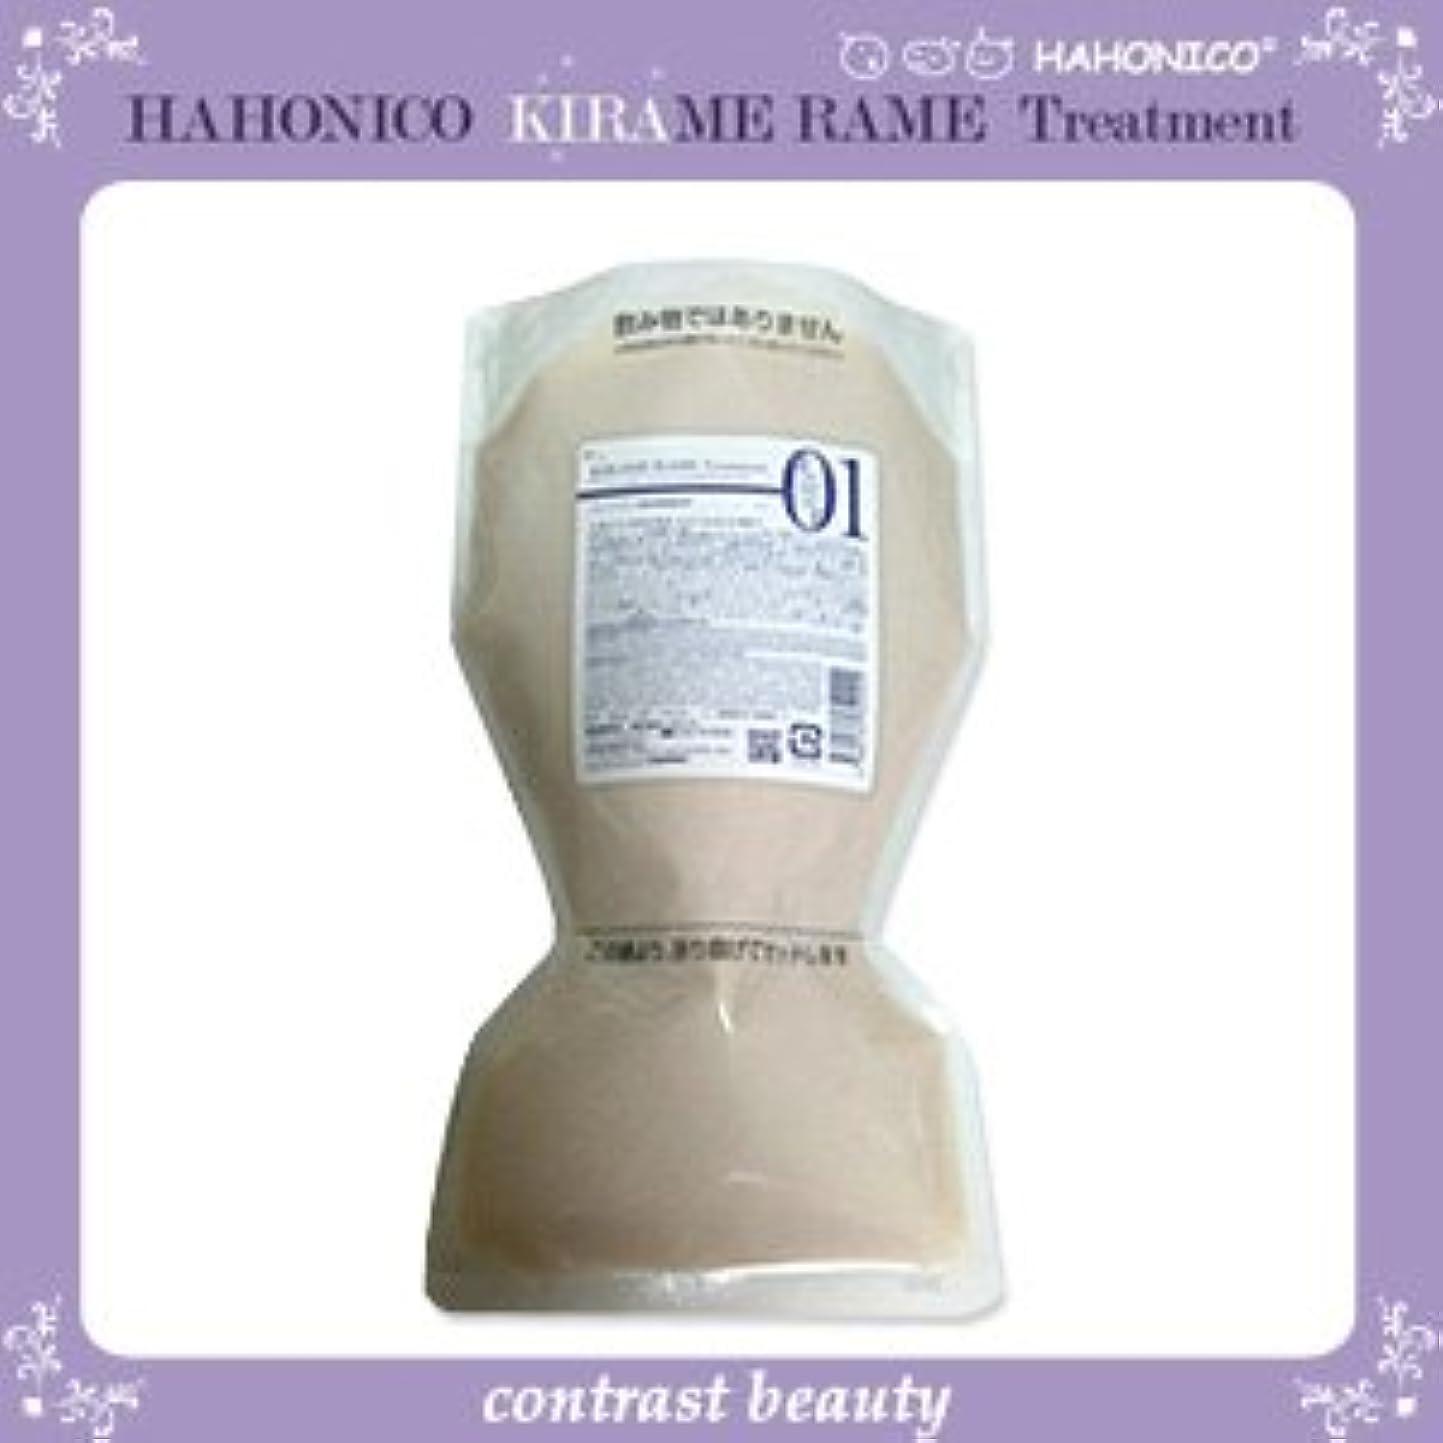 に賛成マダム最初に【X3個セット】 ハホニコ キラメラメ トリートメントNo.1 500g (詰め替え) KIRAME RAME HAHONICO